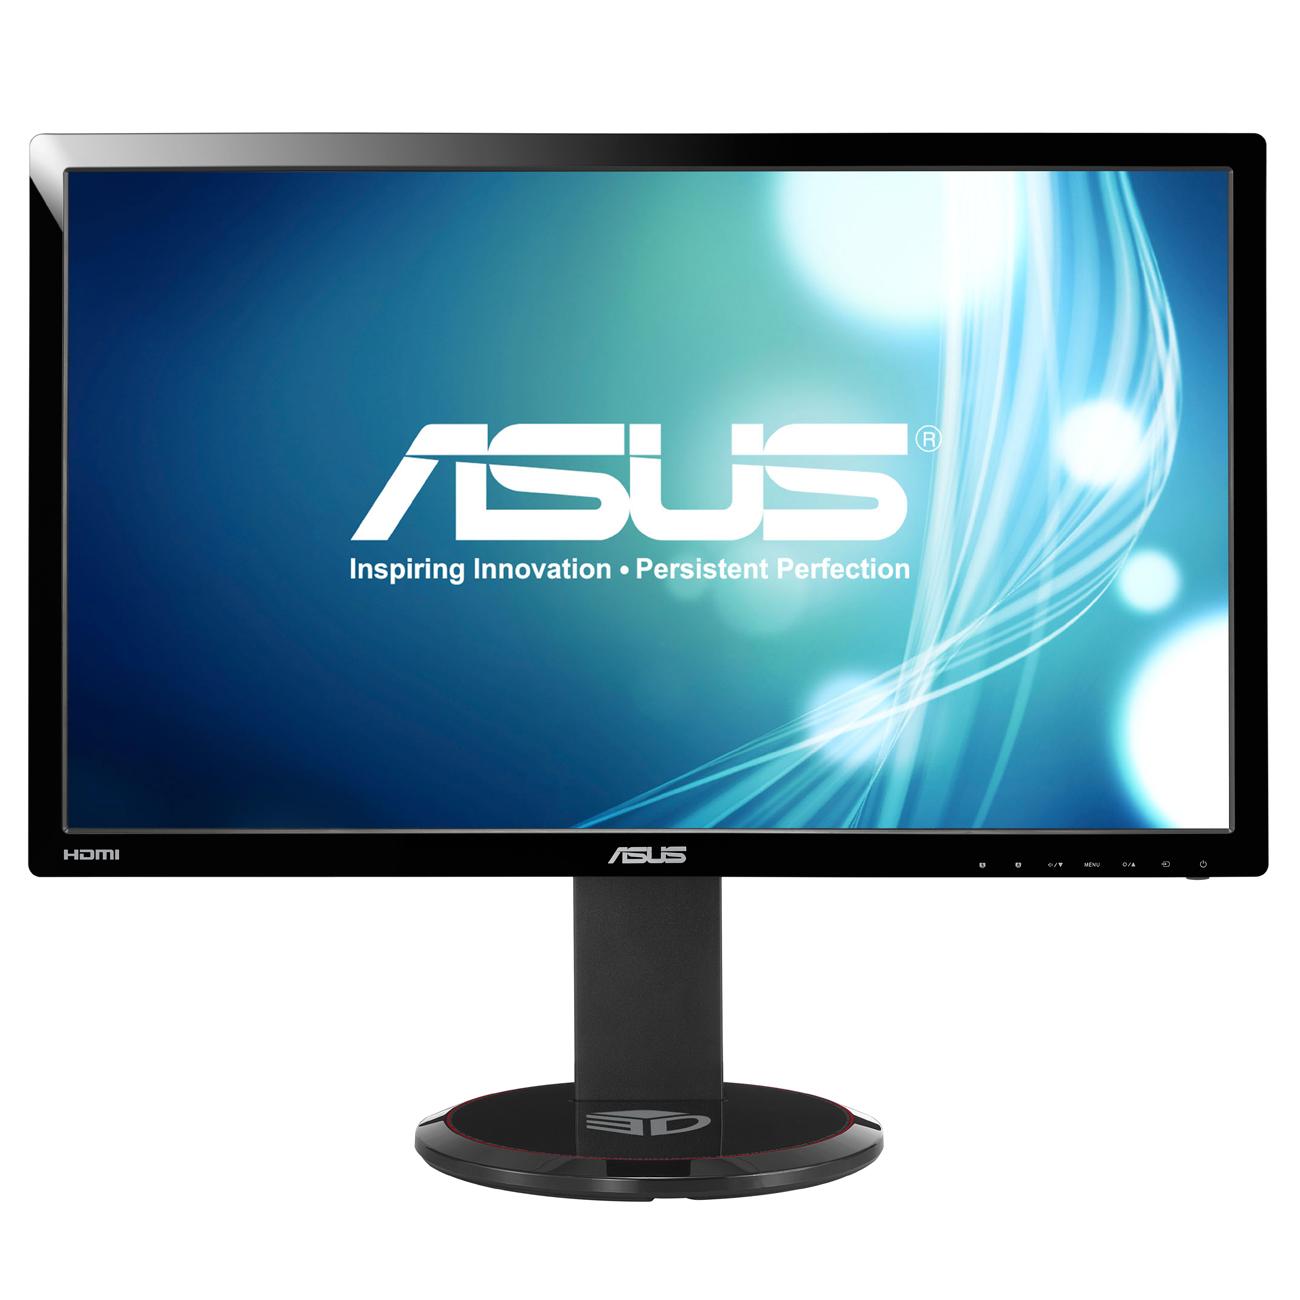 """Ecran PC ASUS 27"""" LED 3D - VG278HE 1920 x 1080 pixels - 2 ms (gris à gris) - Format large 16/9 - HDMI - 144 Hz - 3D Ready (garantie constructeur 3 ans)"""